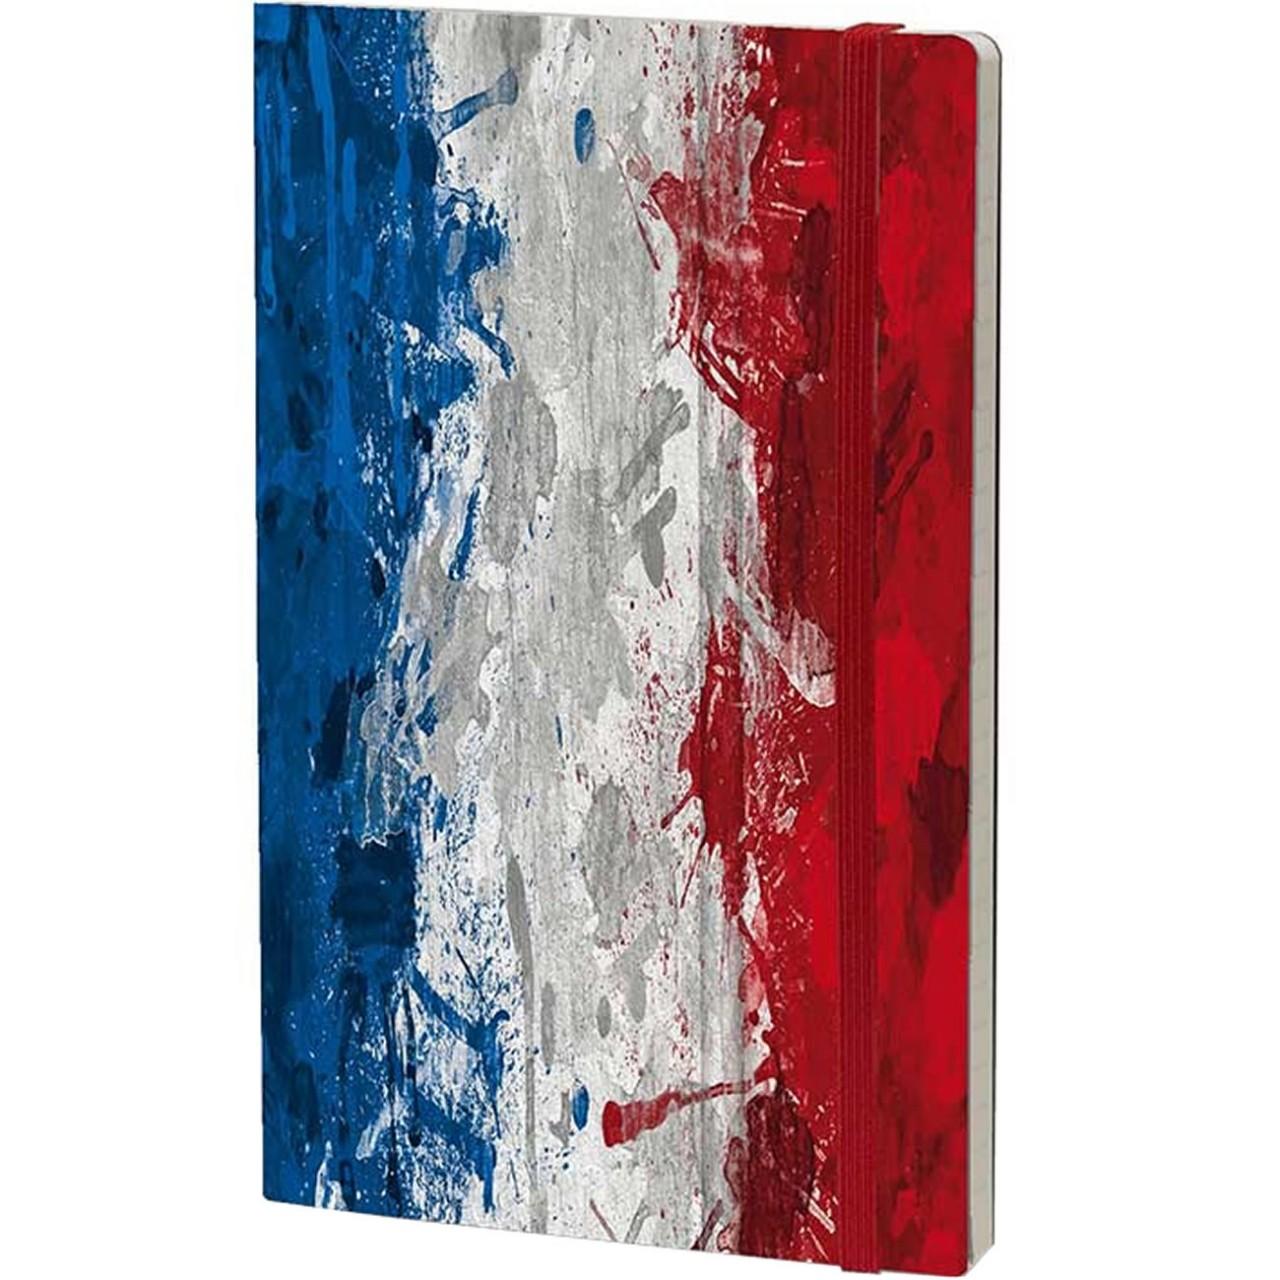 Stifflexible Notizbuch HISTORICAL NOTES 13 x 21 cm 192 S., LES COULEURS DE LA LIBERTE (France Flag)